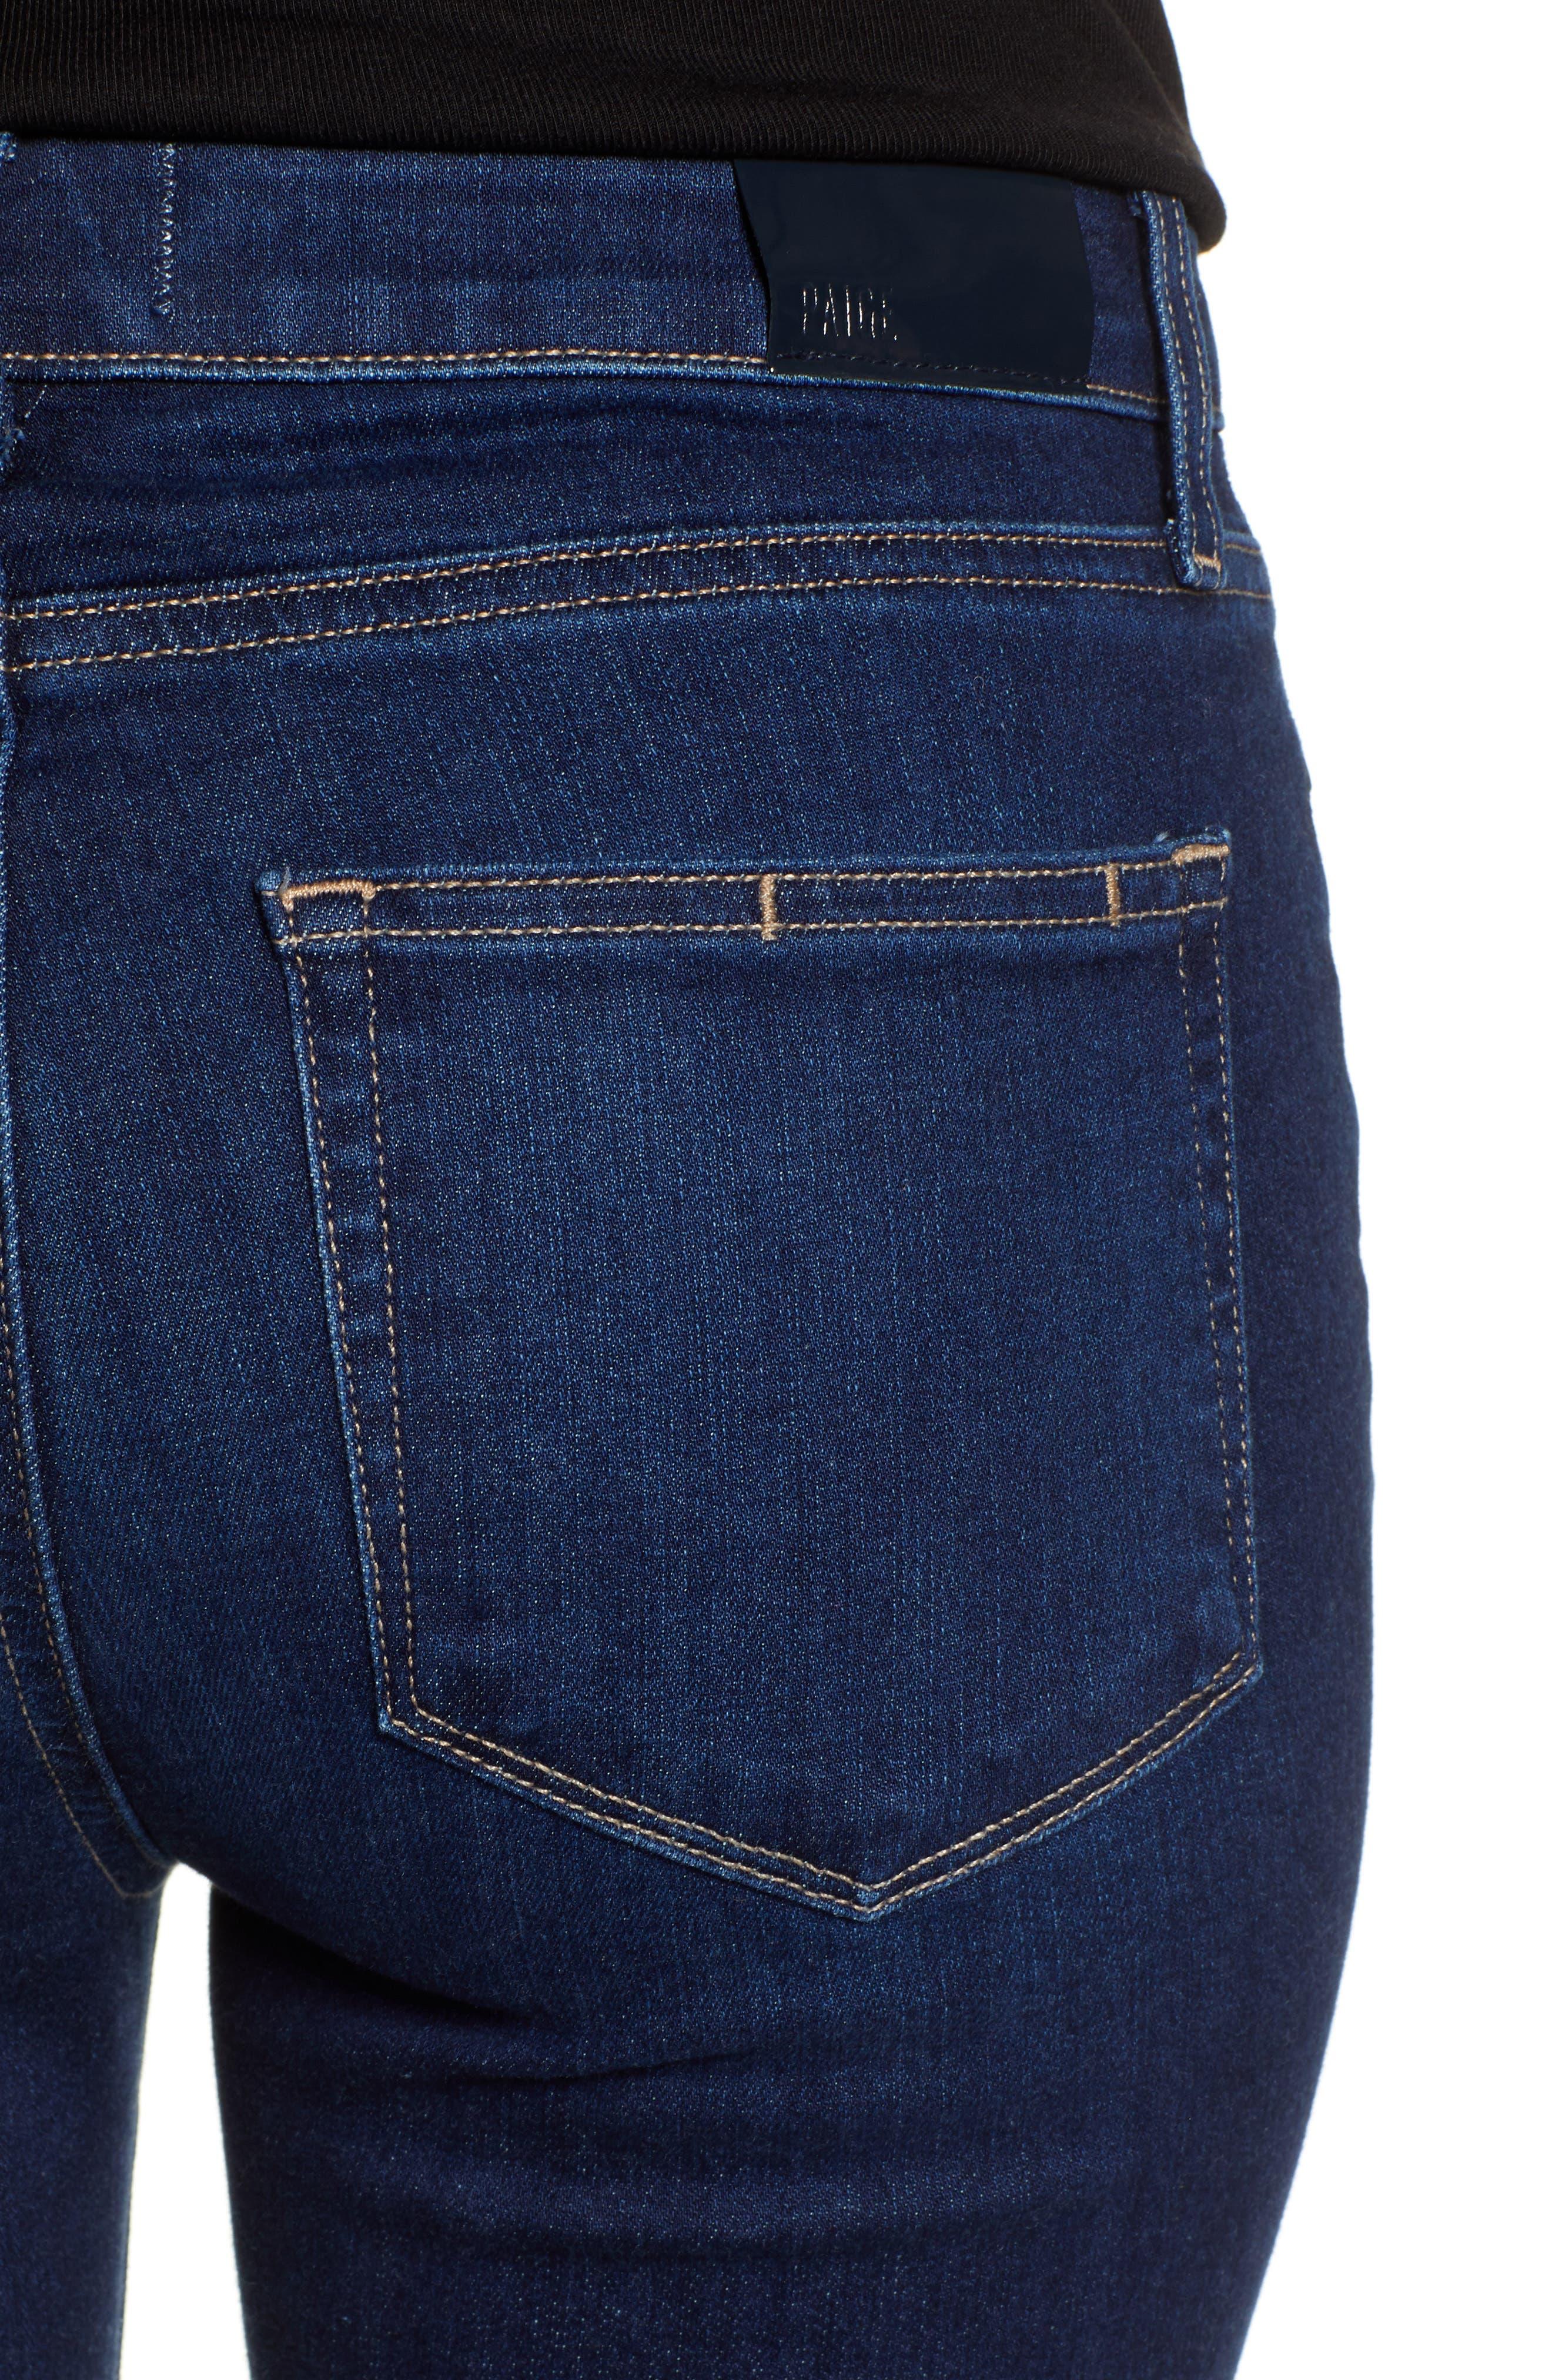 PAIGE, Transcend Vintage - Manhattan High Waist Bootcut Jeans, Alternate thumbnail 5, color, 400